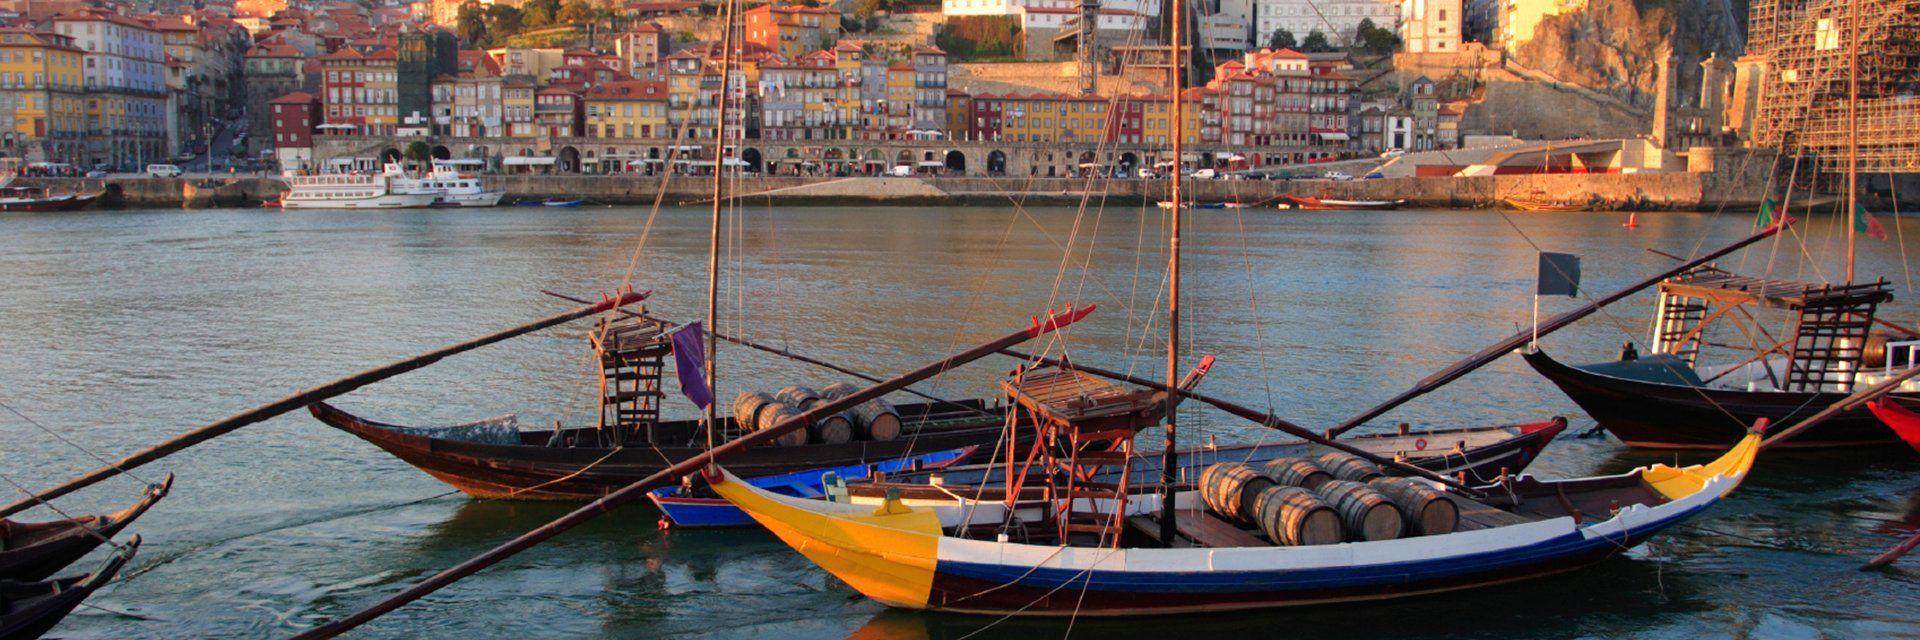 Splendeurs de l'Espagne et du Portugal